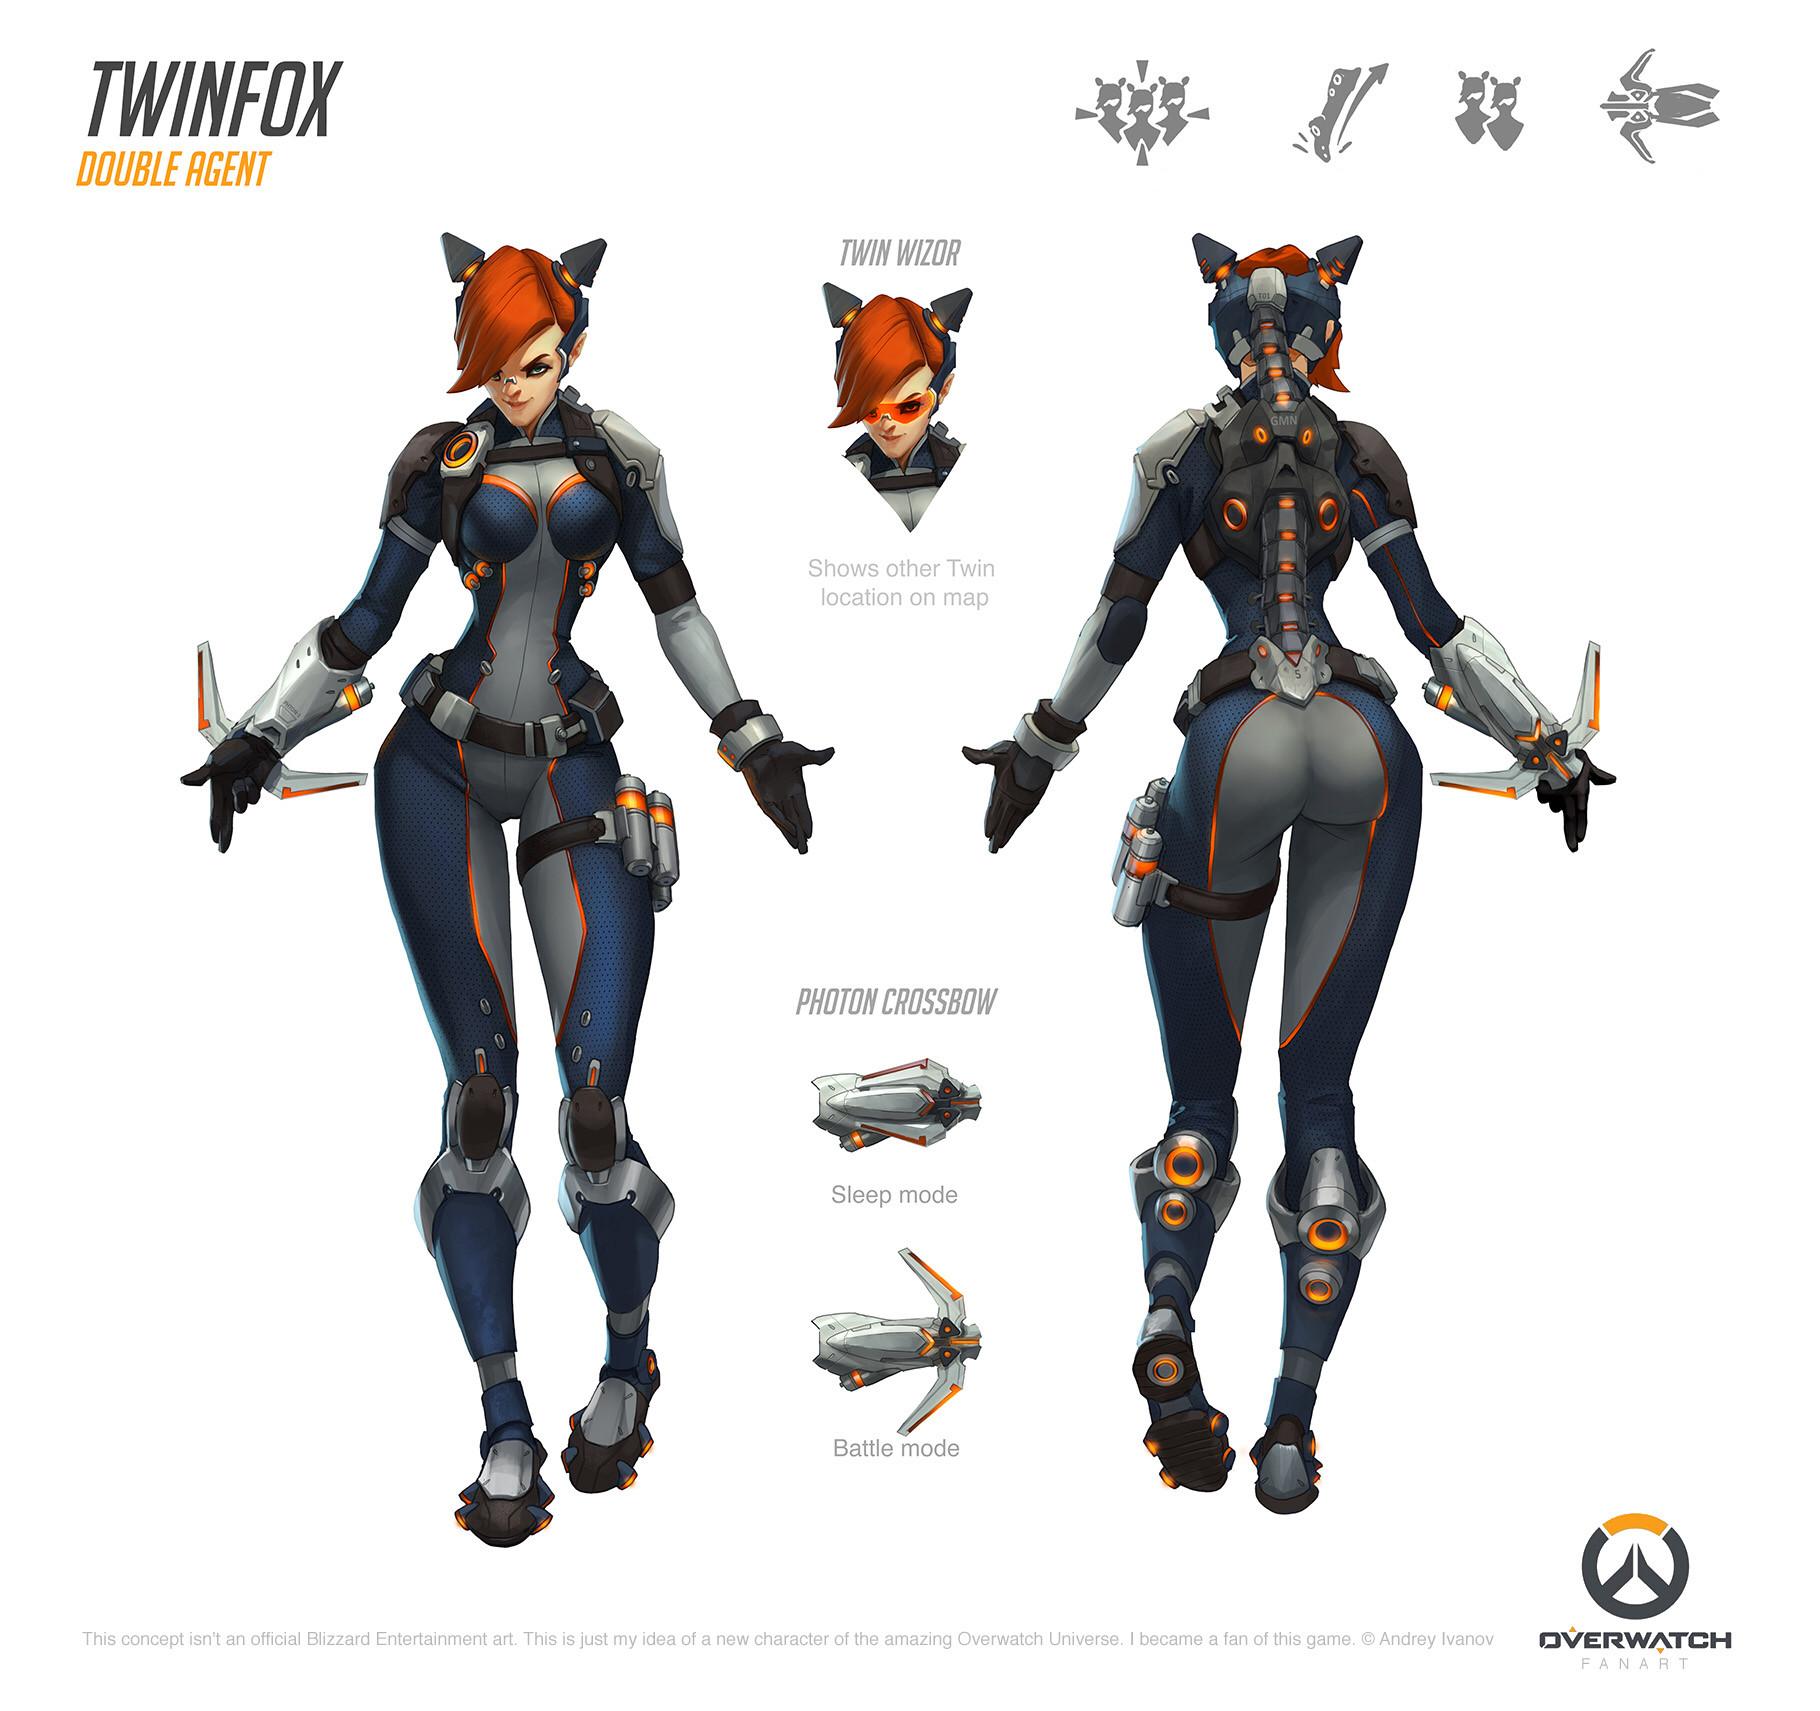 Blizzard Overwatch Concept Art